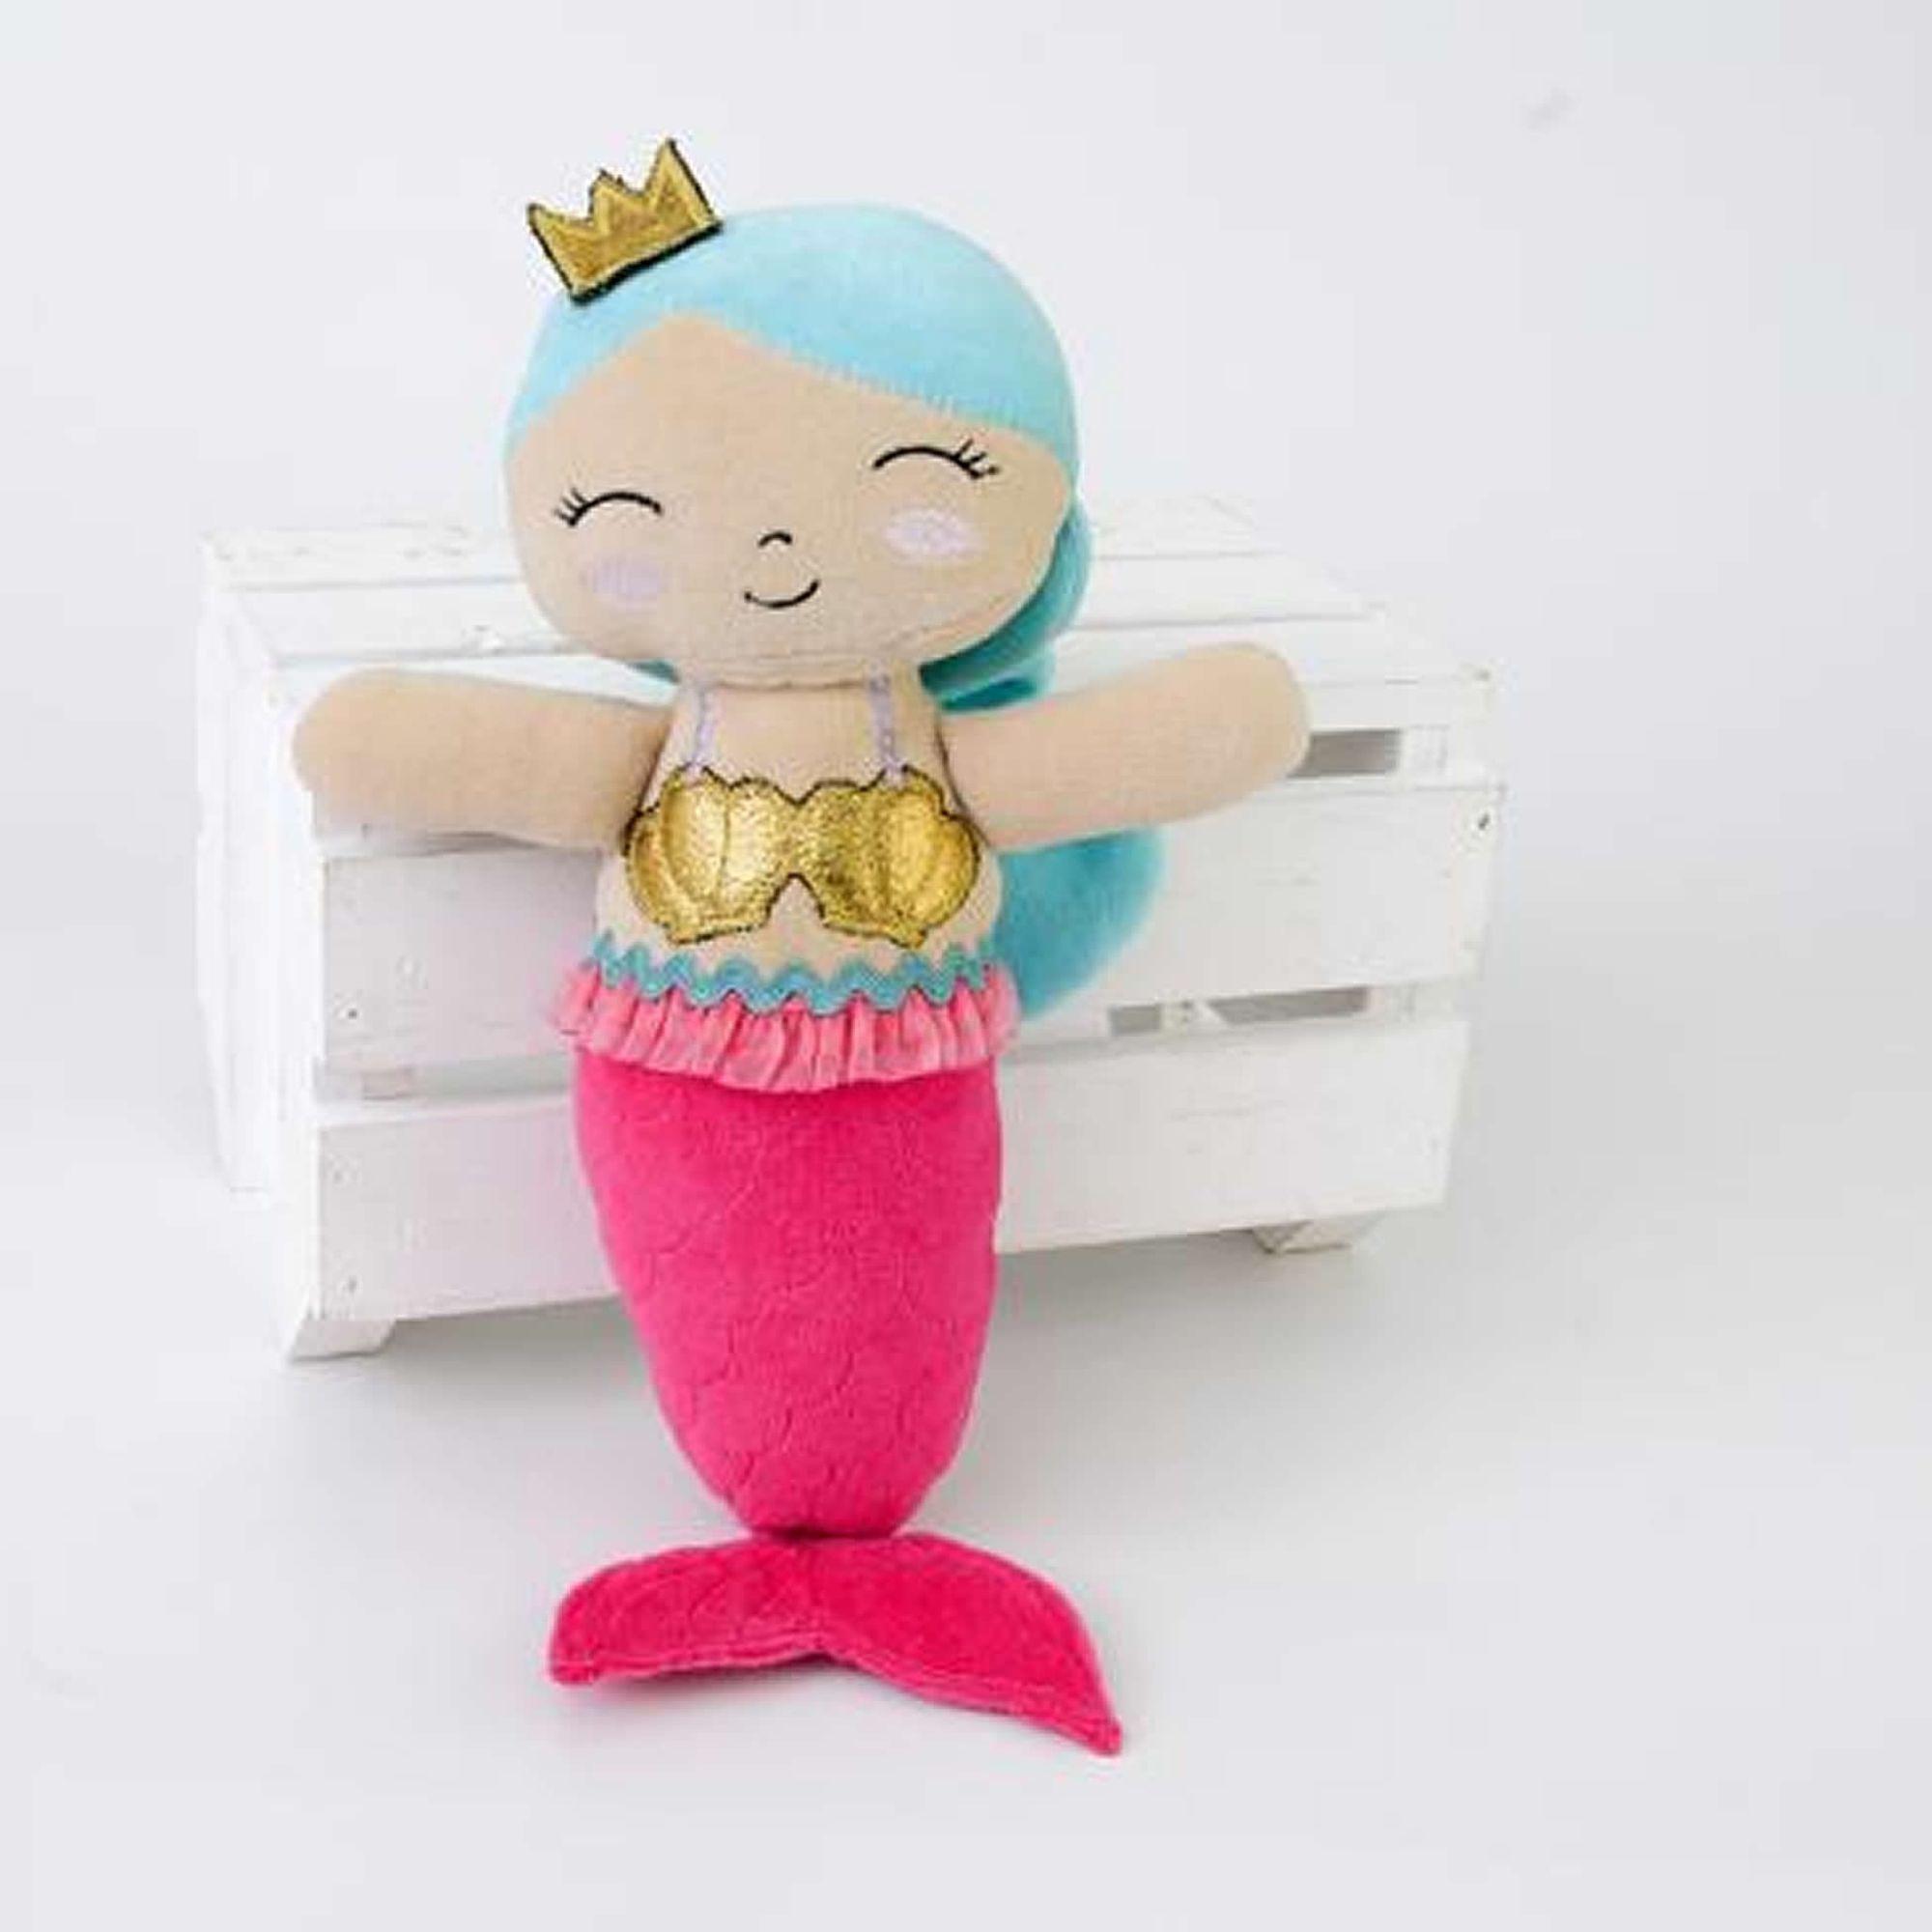 bonequinha-pelucia-sereia-alana-pink-1